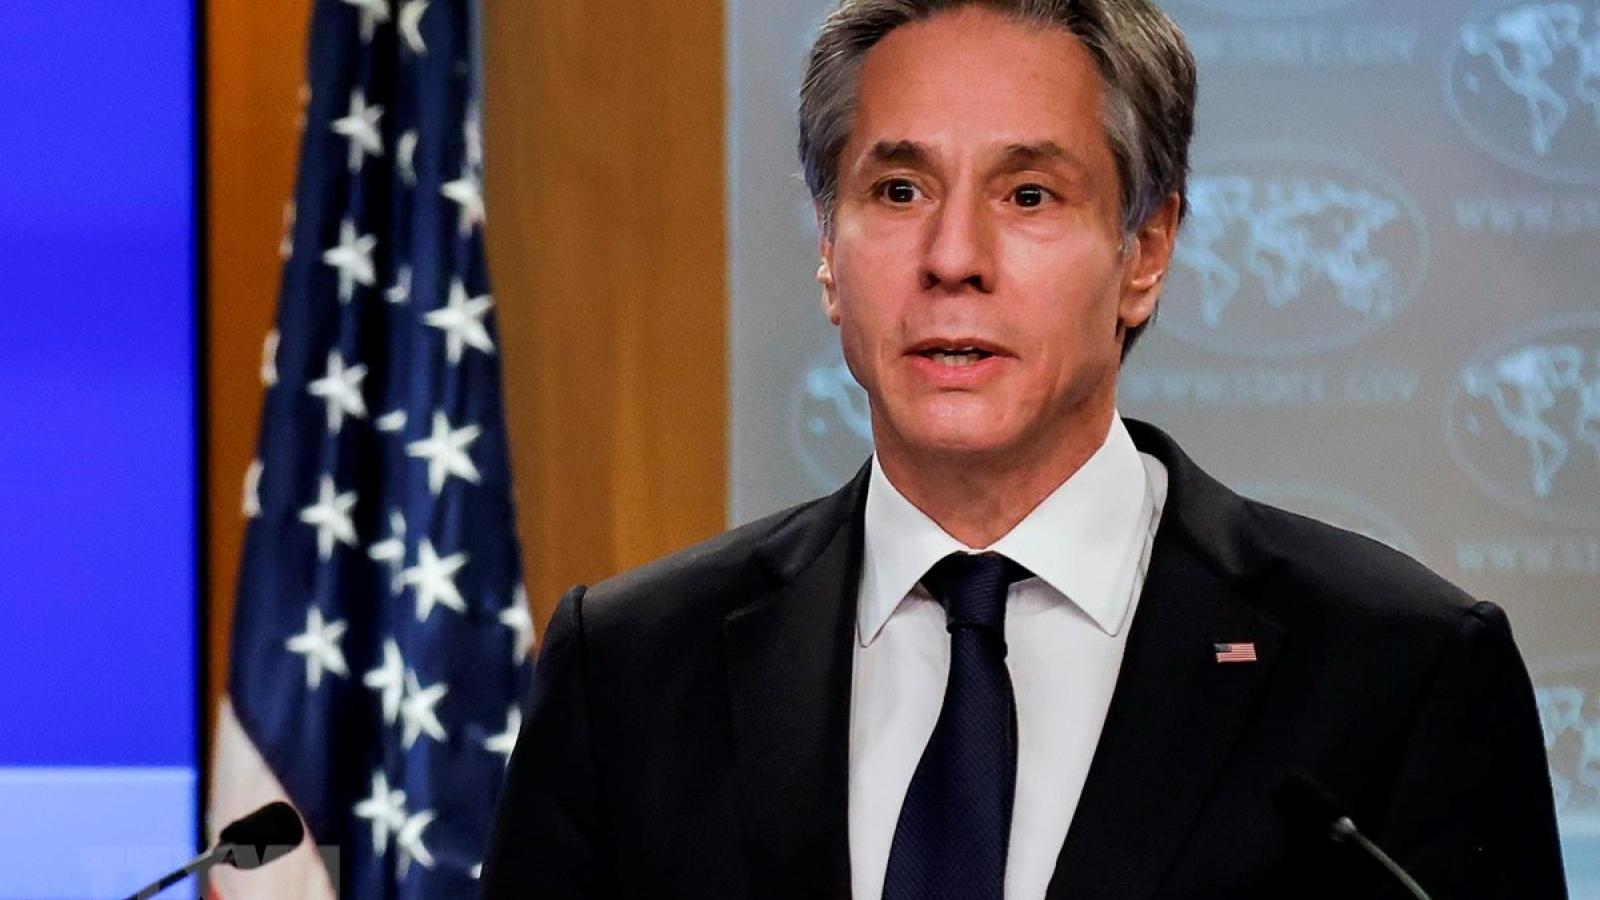 Mỹ tiếp tục ủng hộ giải pháp hai nhà nước cho xung đột Israel-Palestine